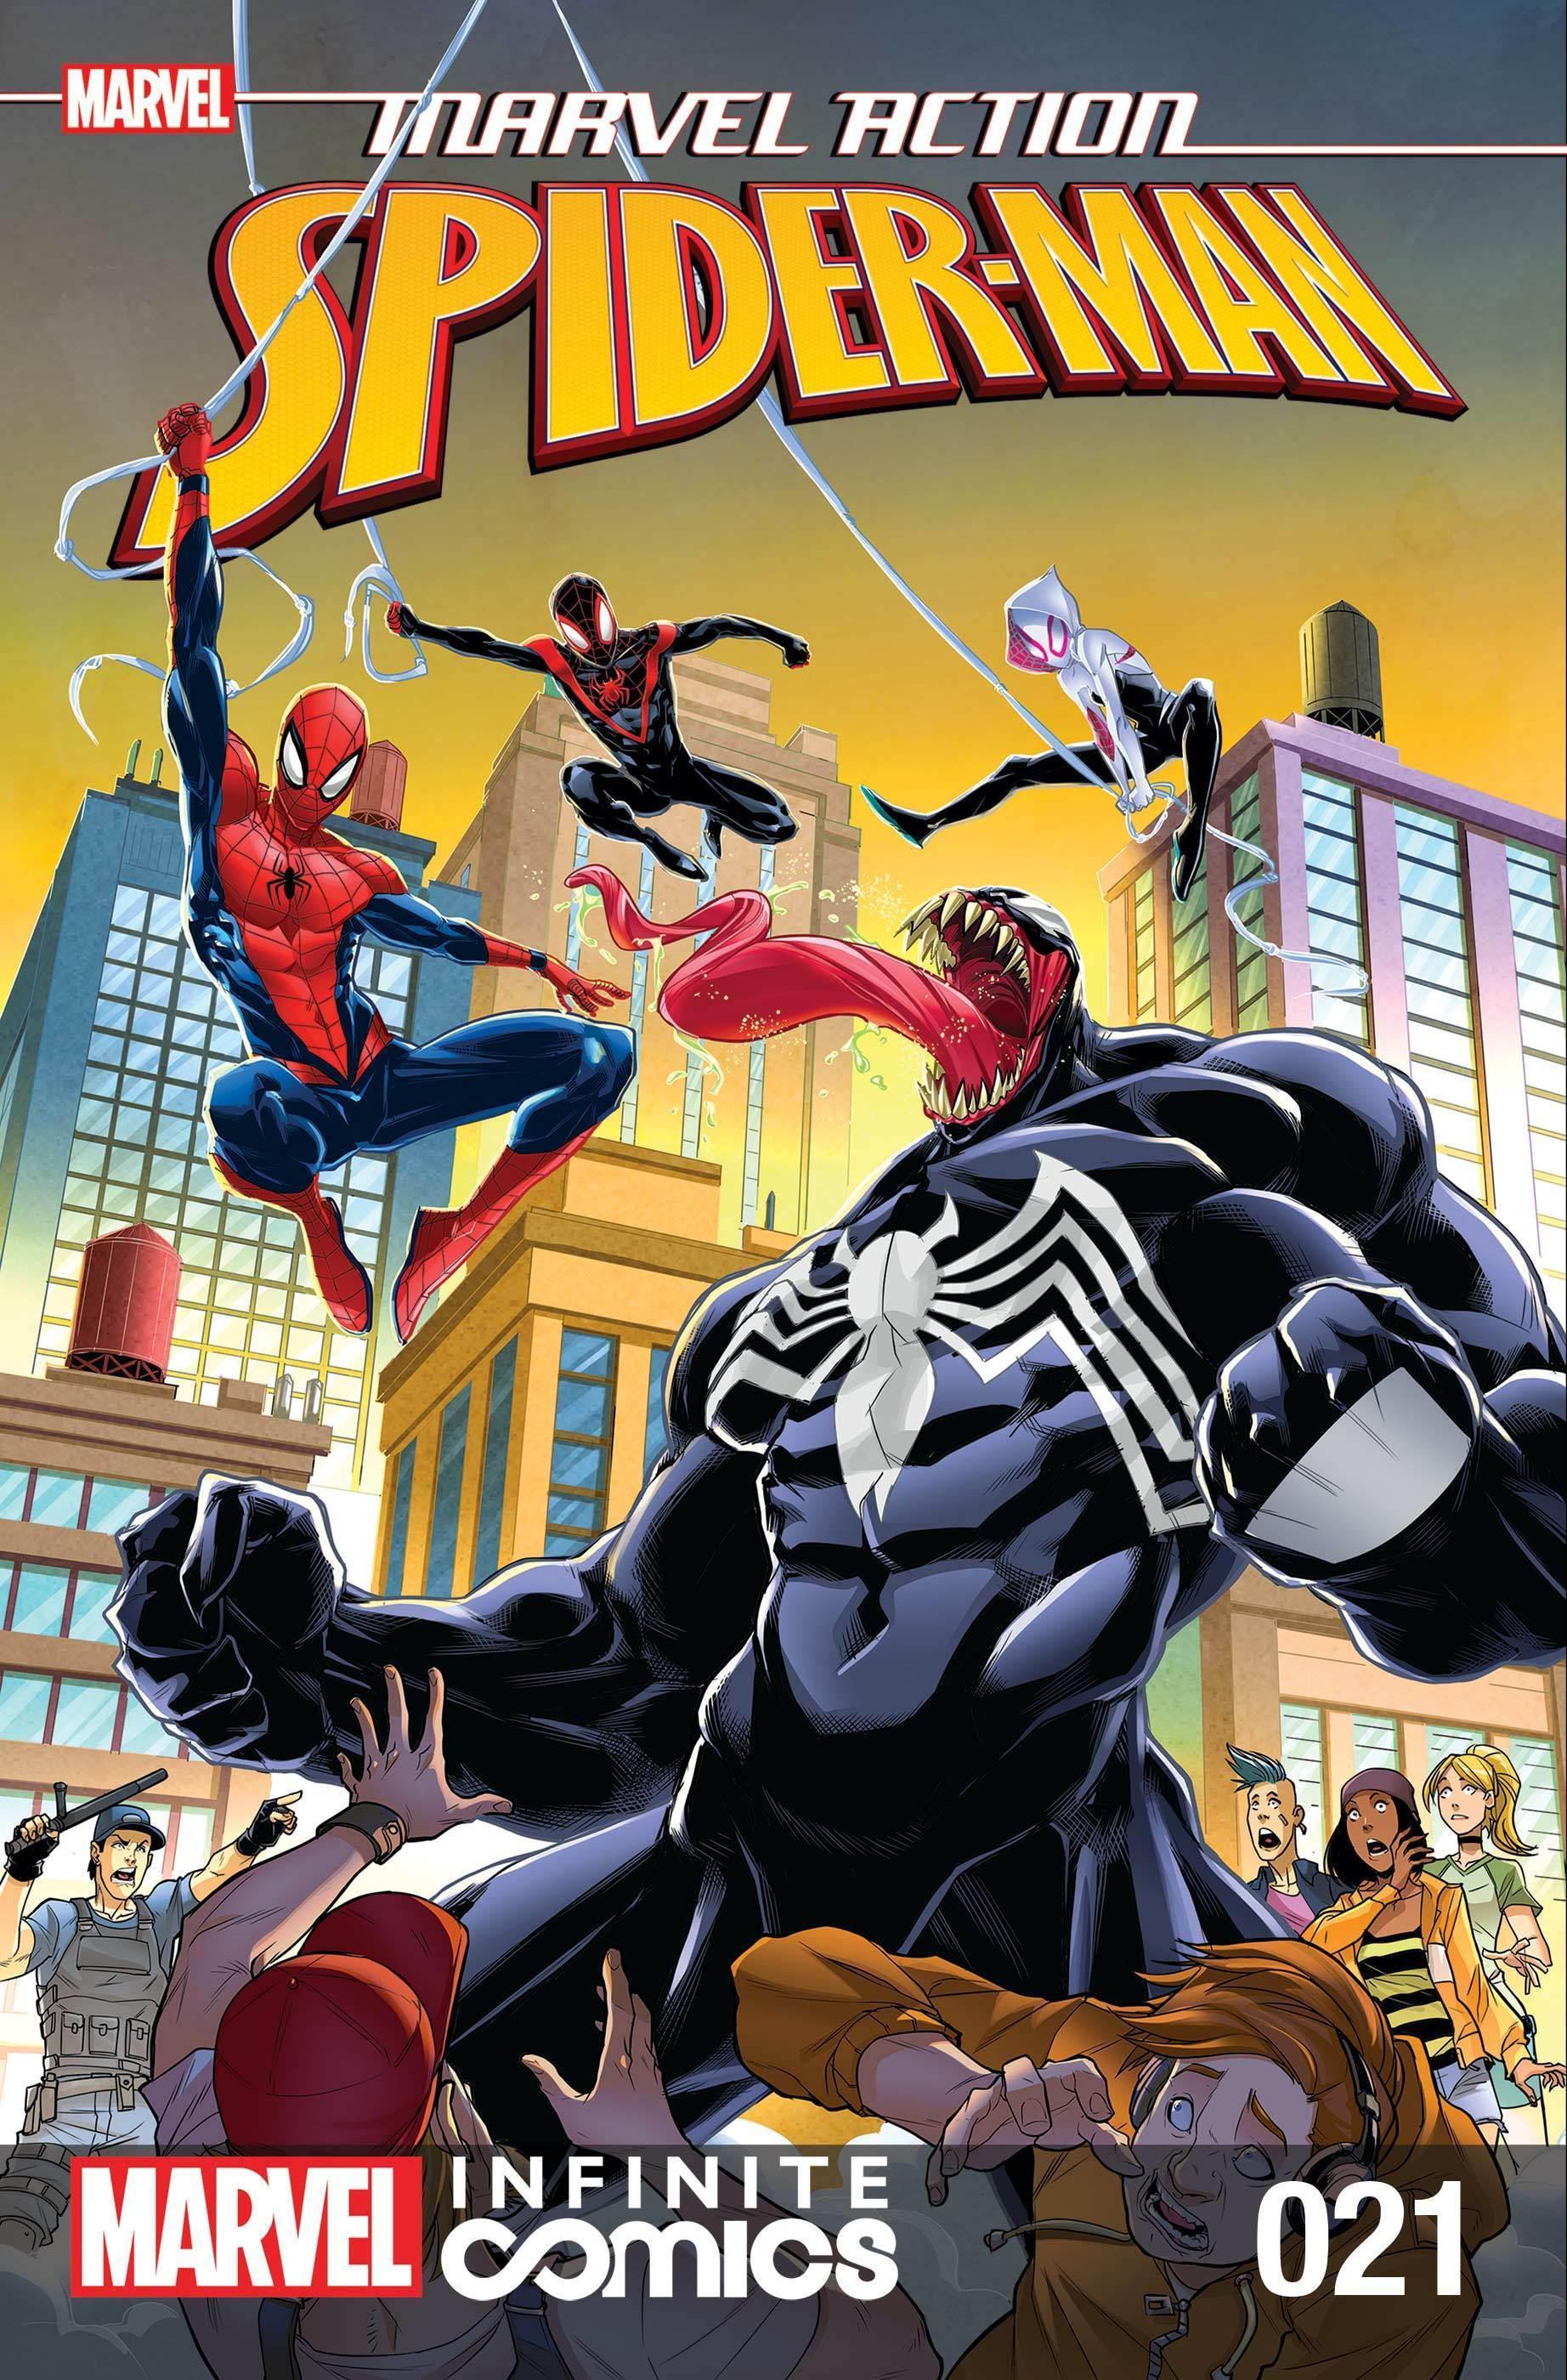 Marvel Action Spider-Man #21